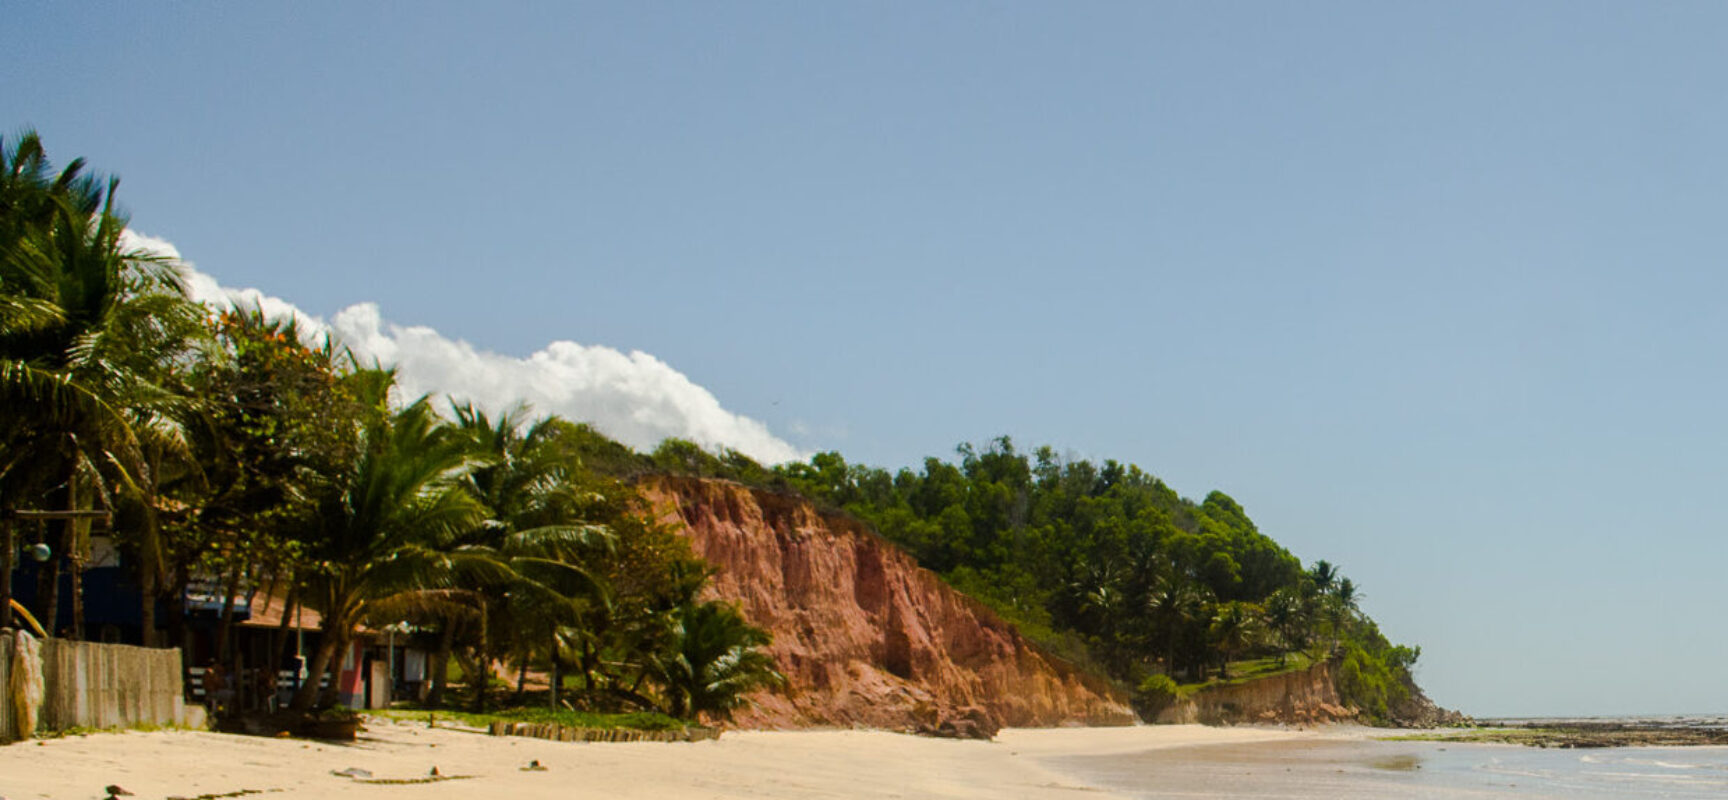 Prado: um destino para relaxar e aproveitar praias sossegadas com águas mornas